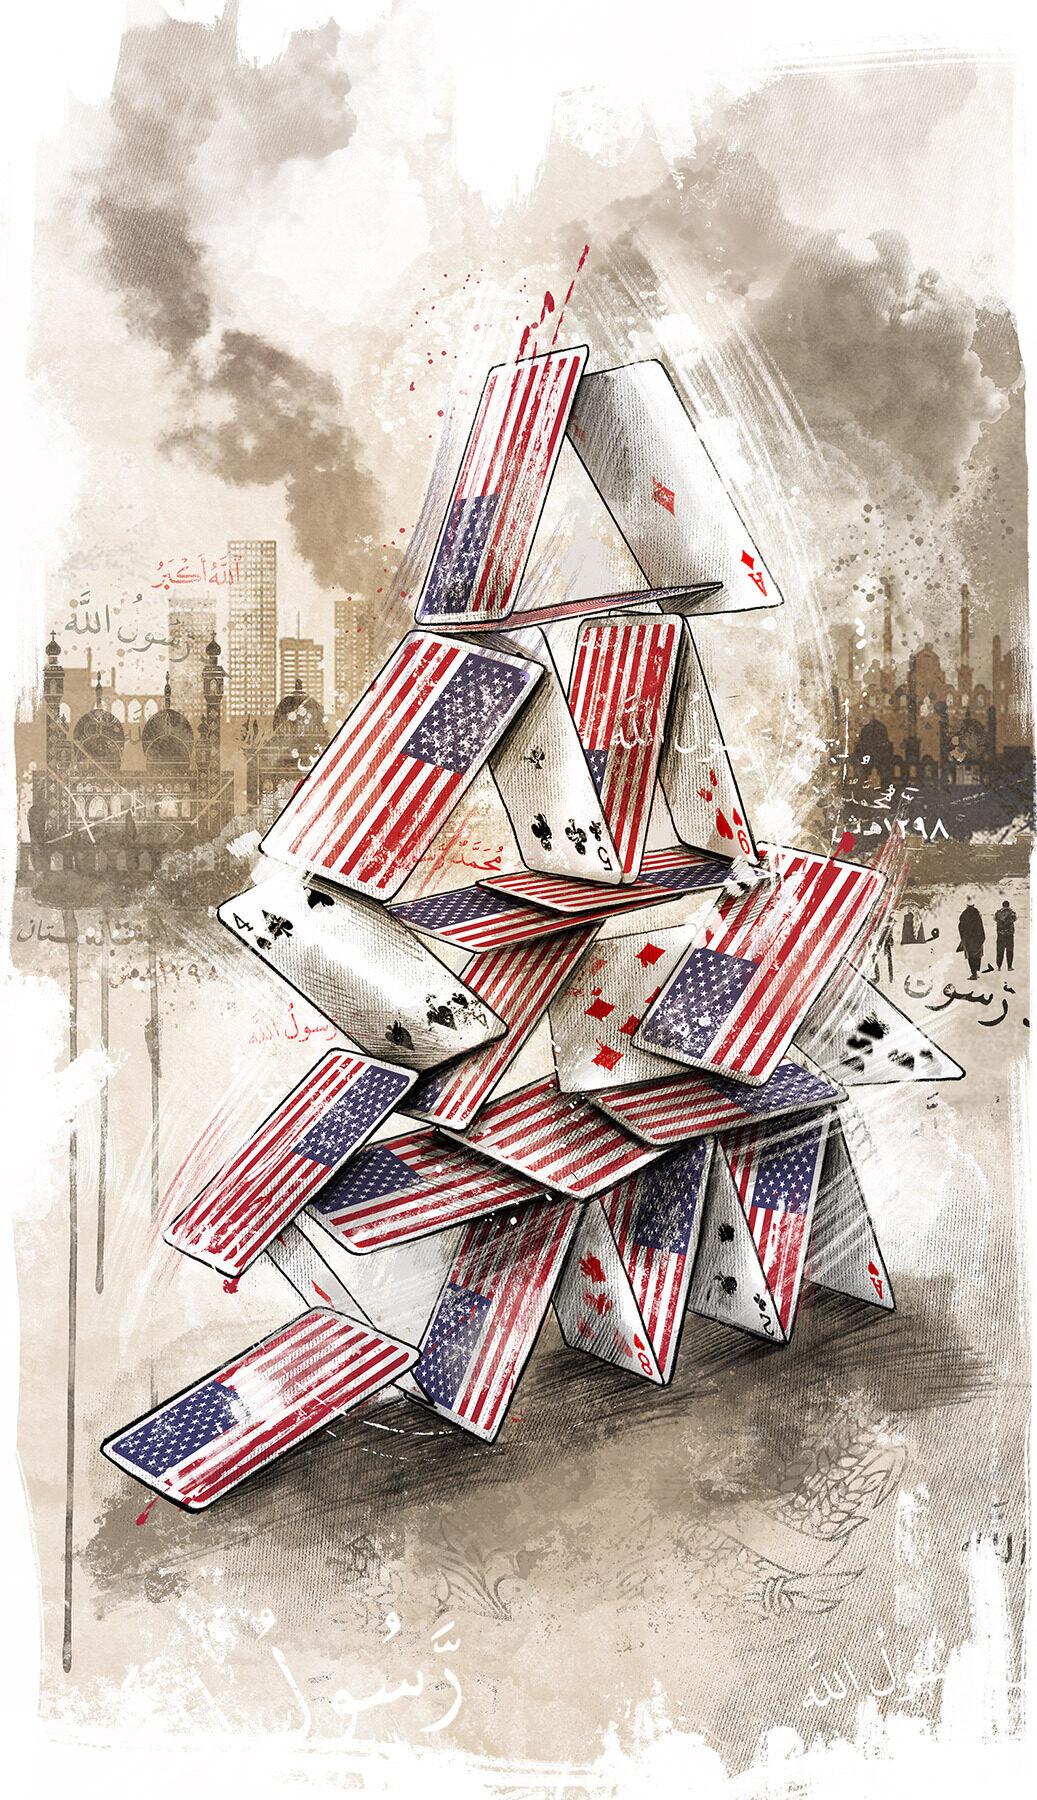 Editorial conceptual illustration usa afghanistan US withdrawal house of cards - Kornel Illustration | Kornel Stadler portfolio